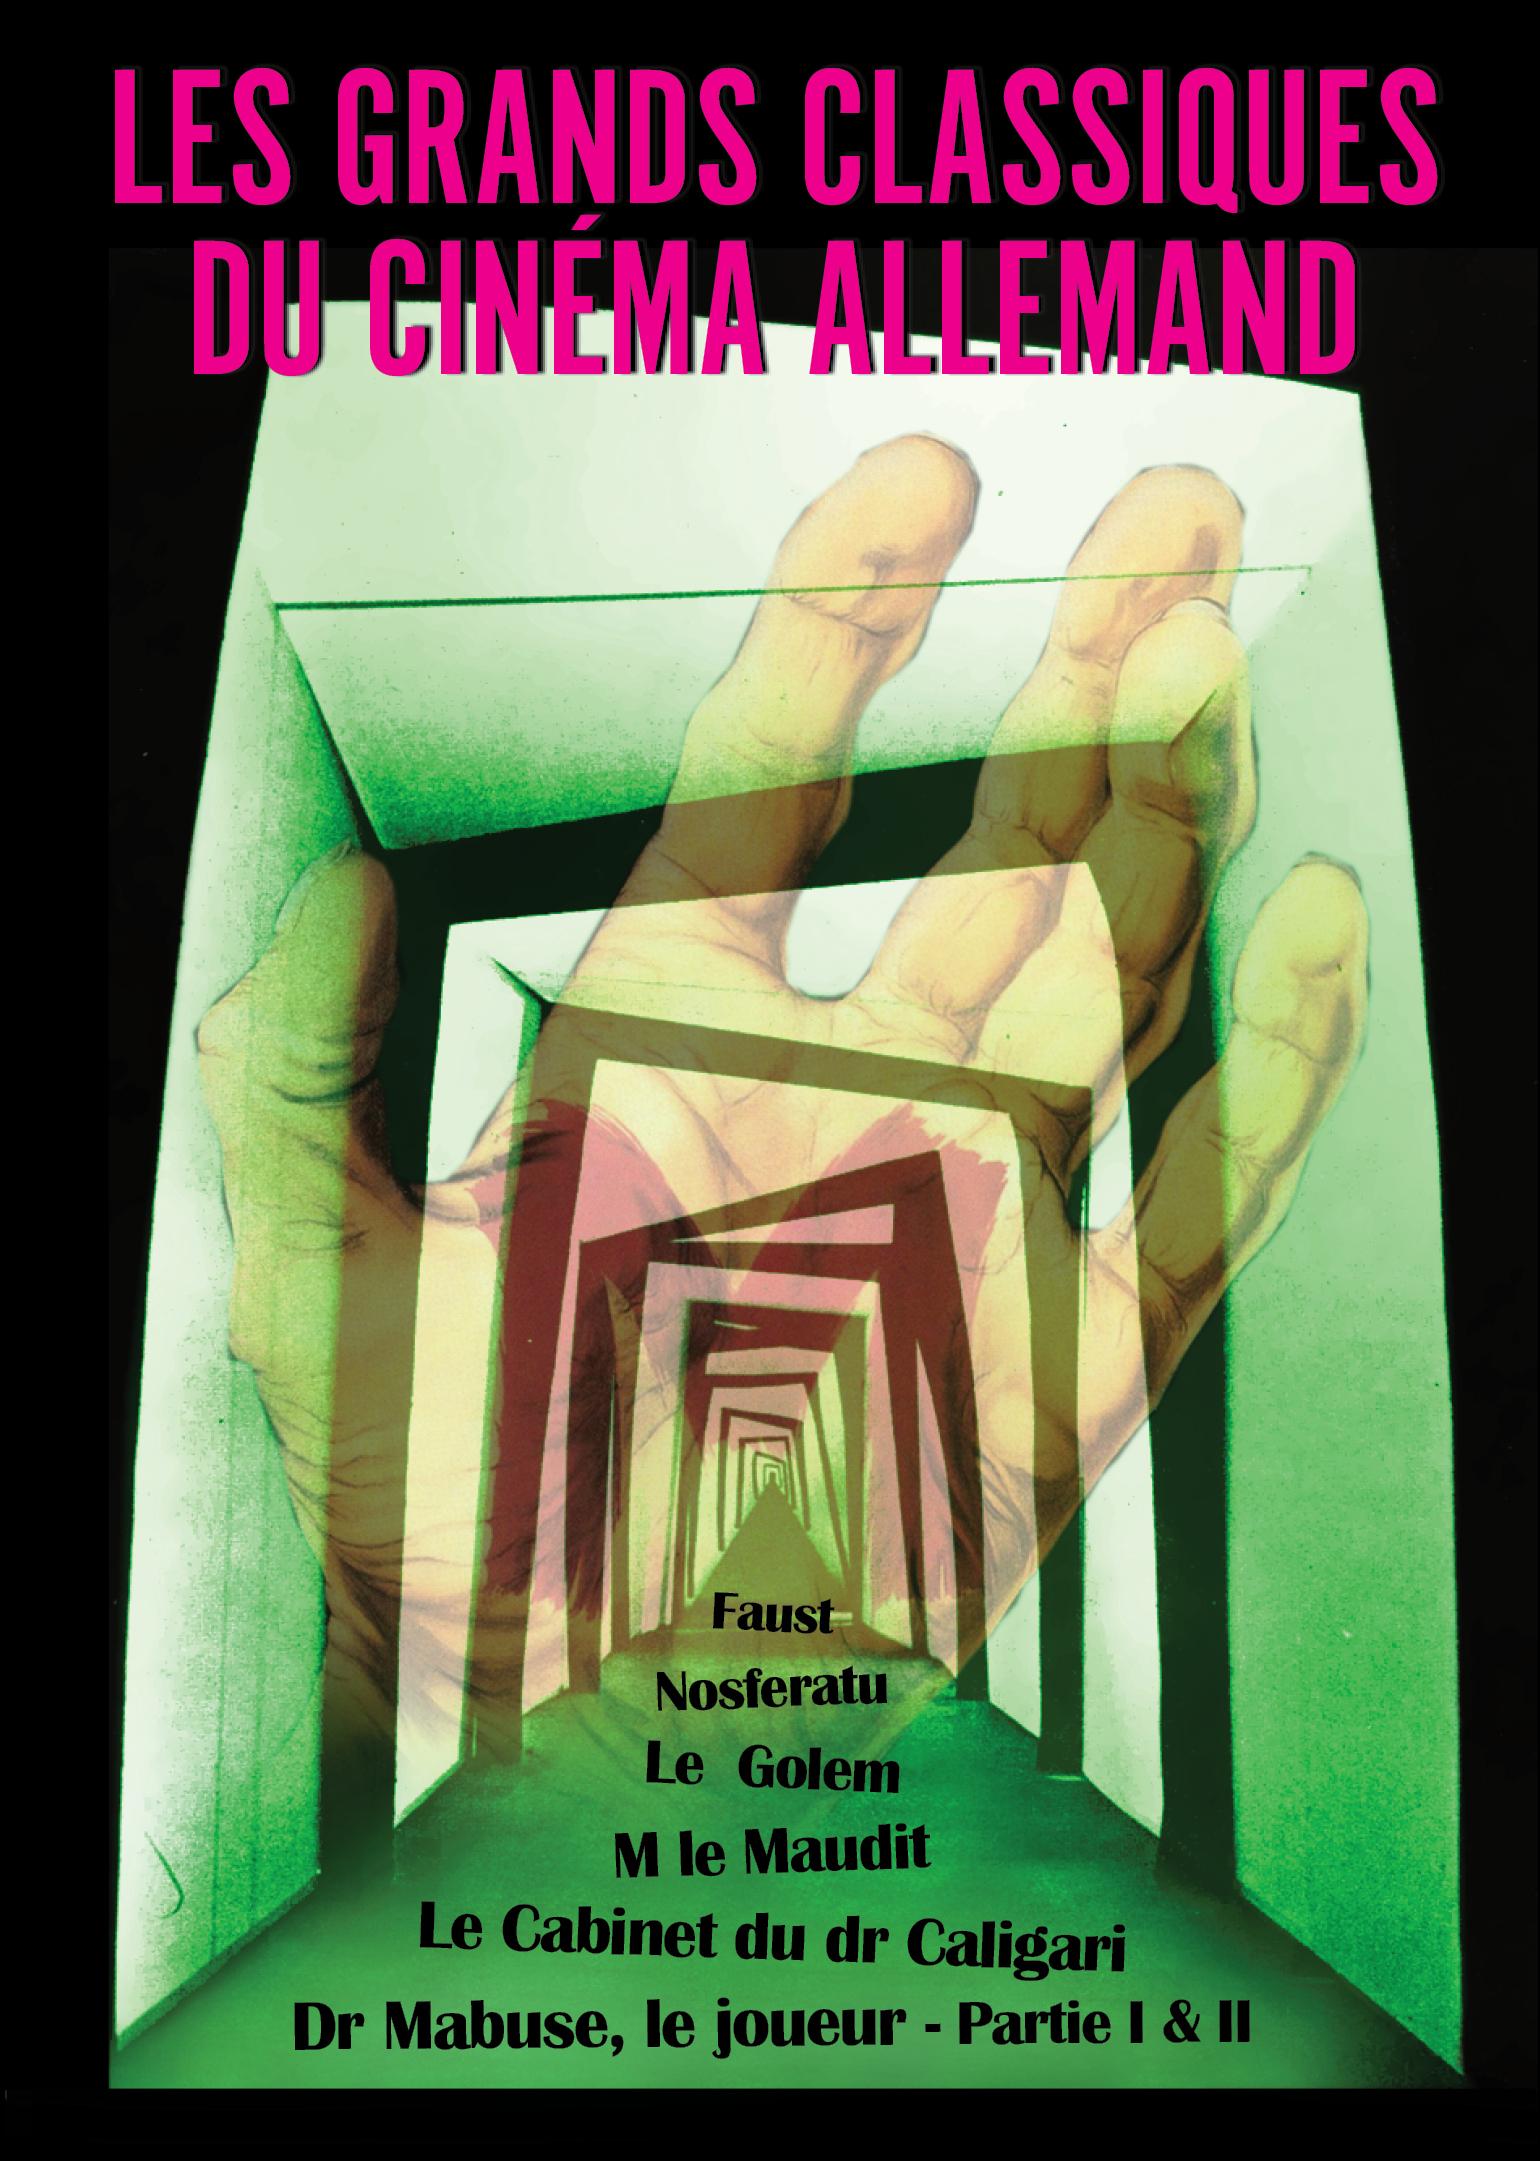 Achat DVD Grands Classiques du cin�ma allemand (Les) - 7 films - Der Golem + Le Cabinet du docteur Caligari + Dr. Mabuse le joueur (Parties I et II) + Nosferatu + Faust + M le Maudit